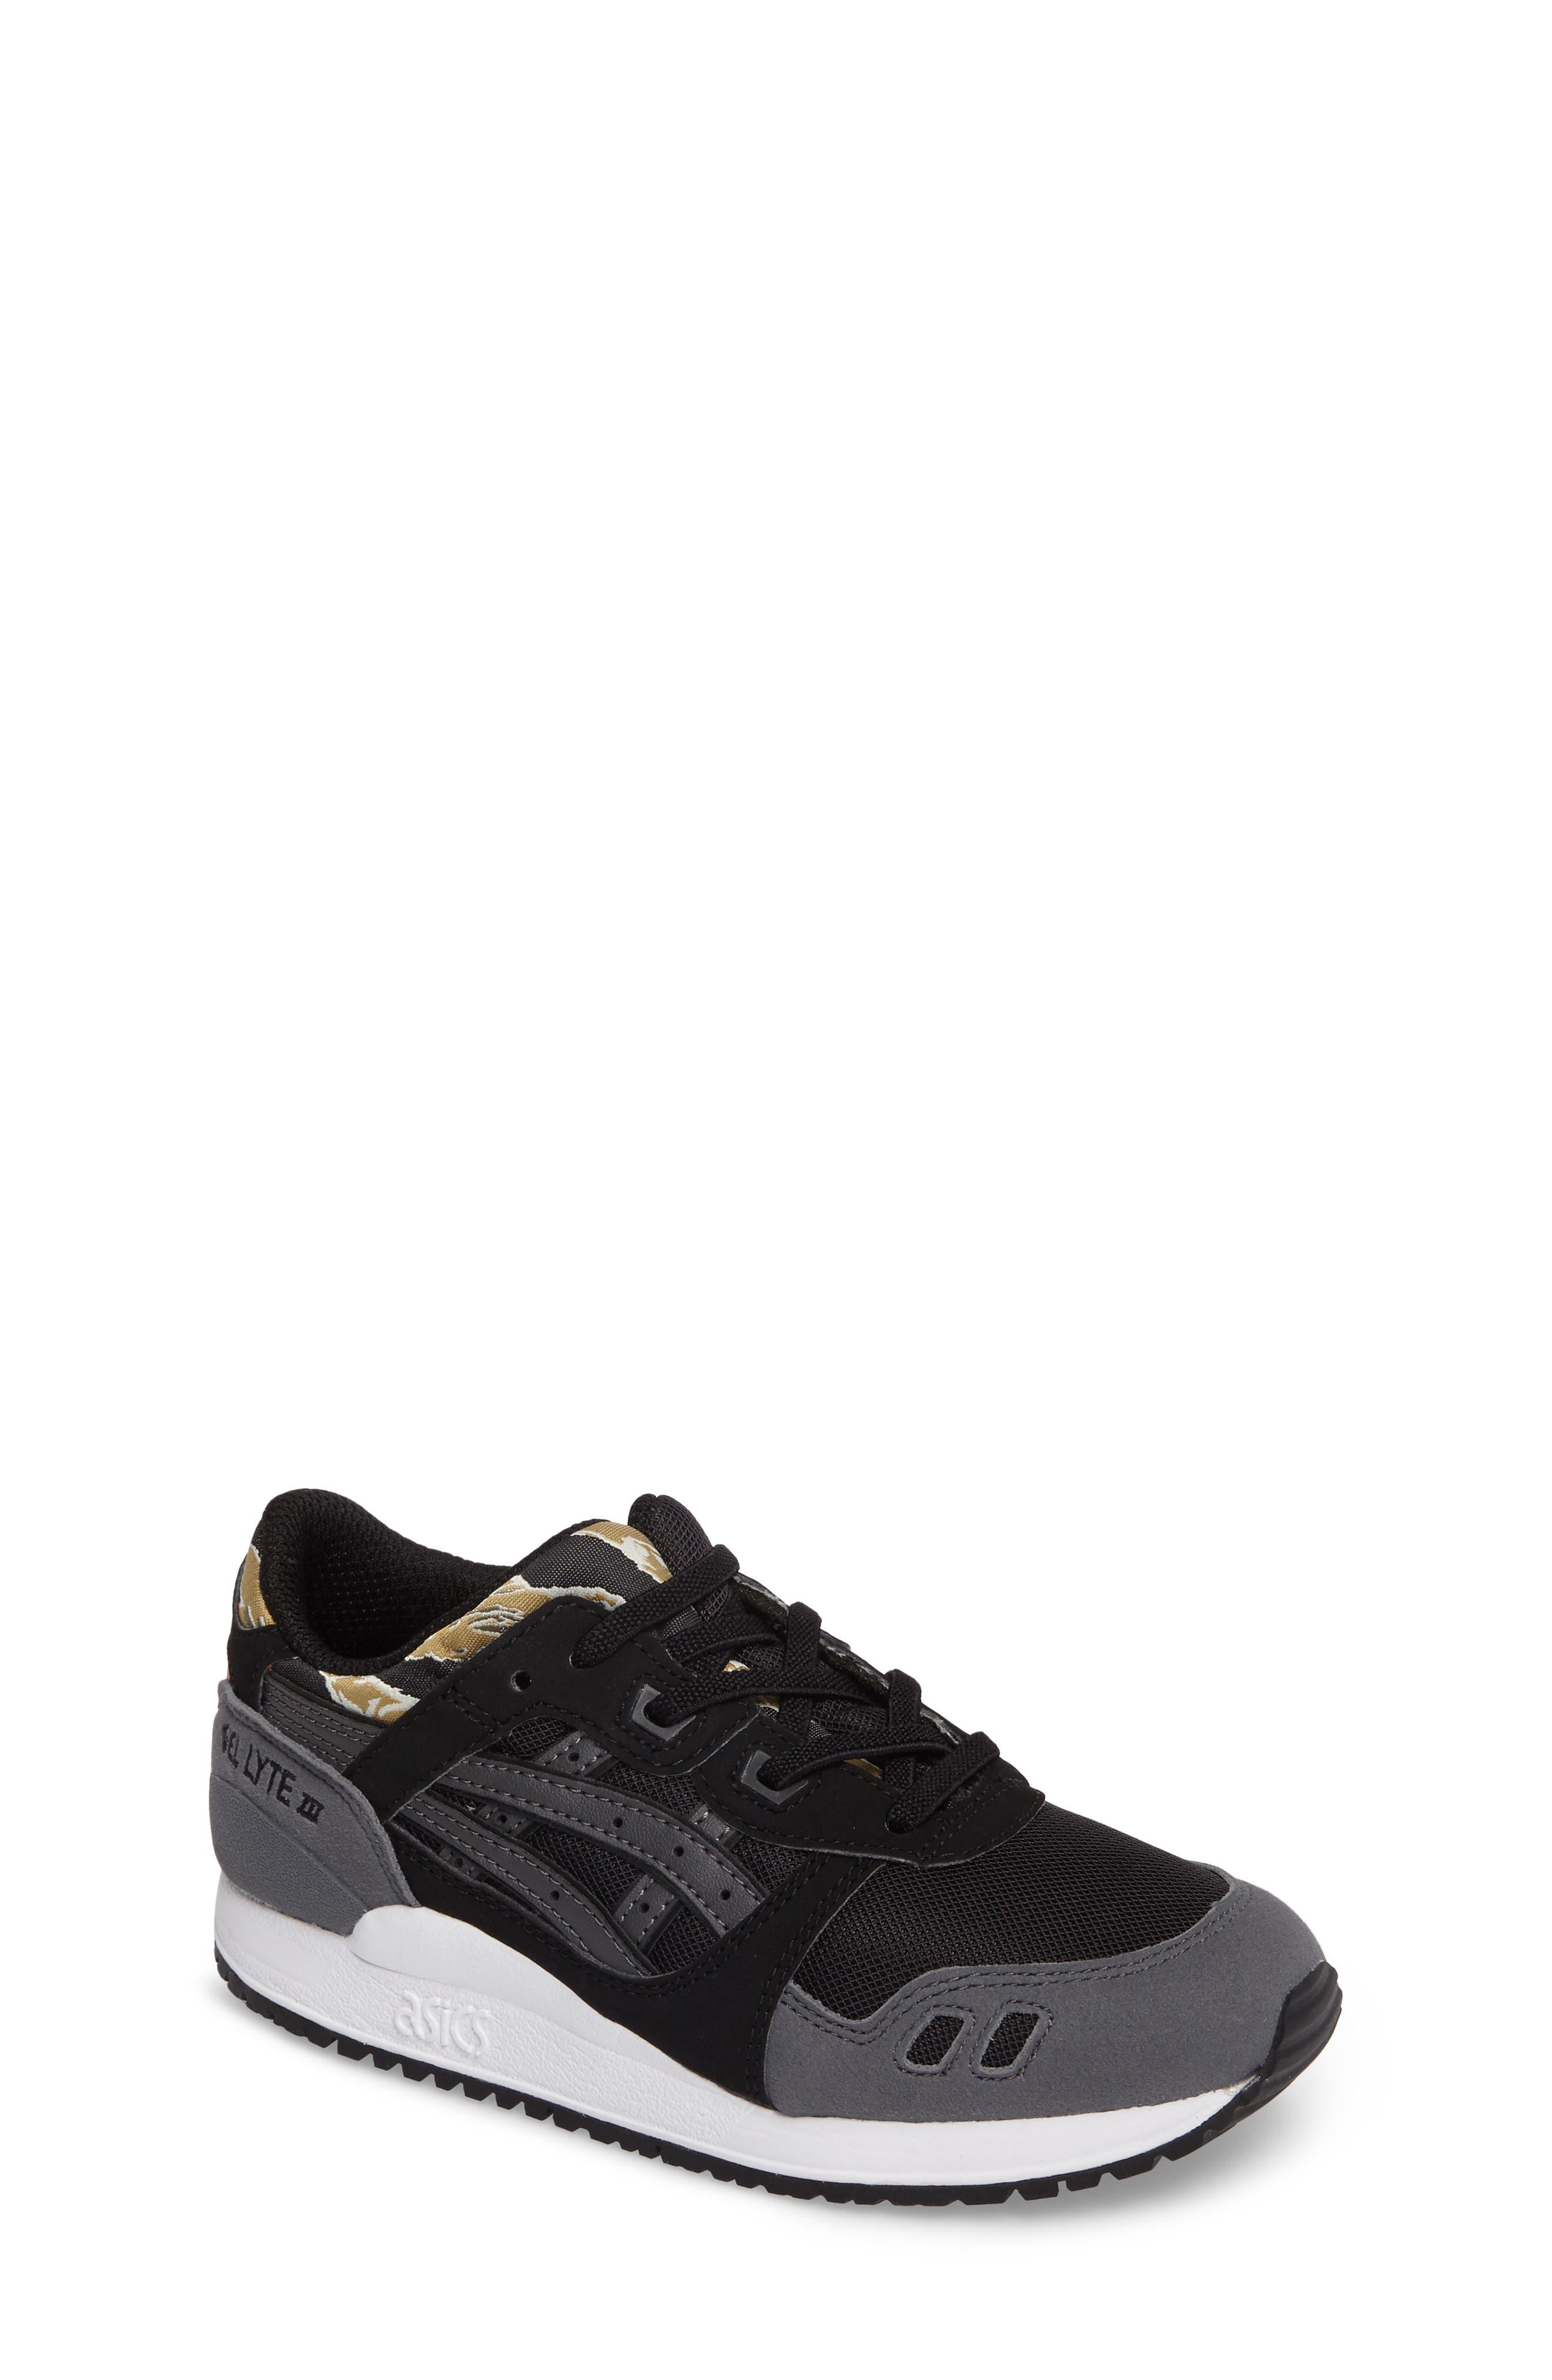 GEL-LYTE<sup>®</sup> III PS Slip-On Sneaker,                         Main,                         color, 001